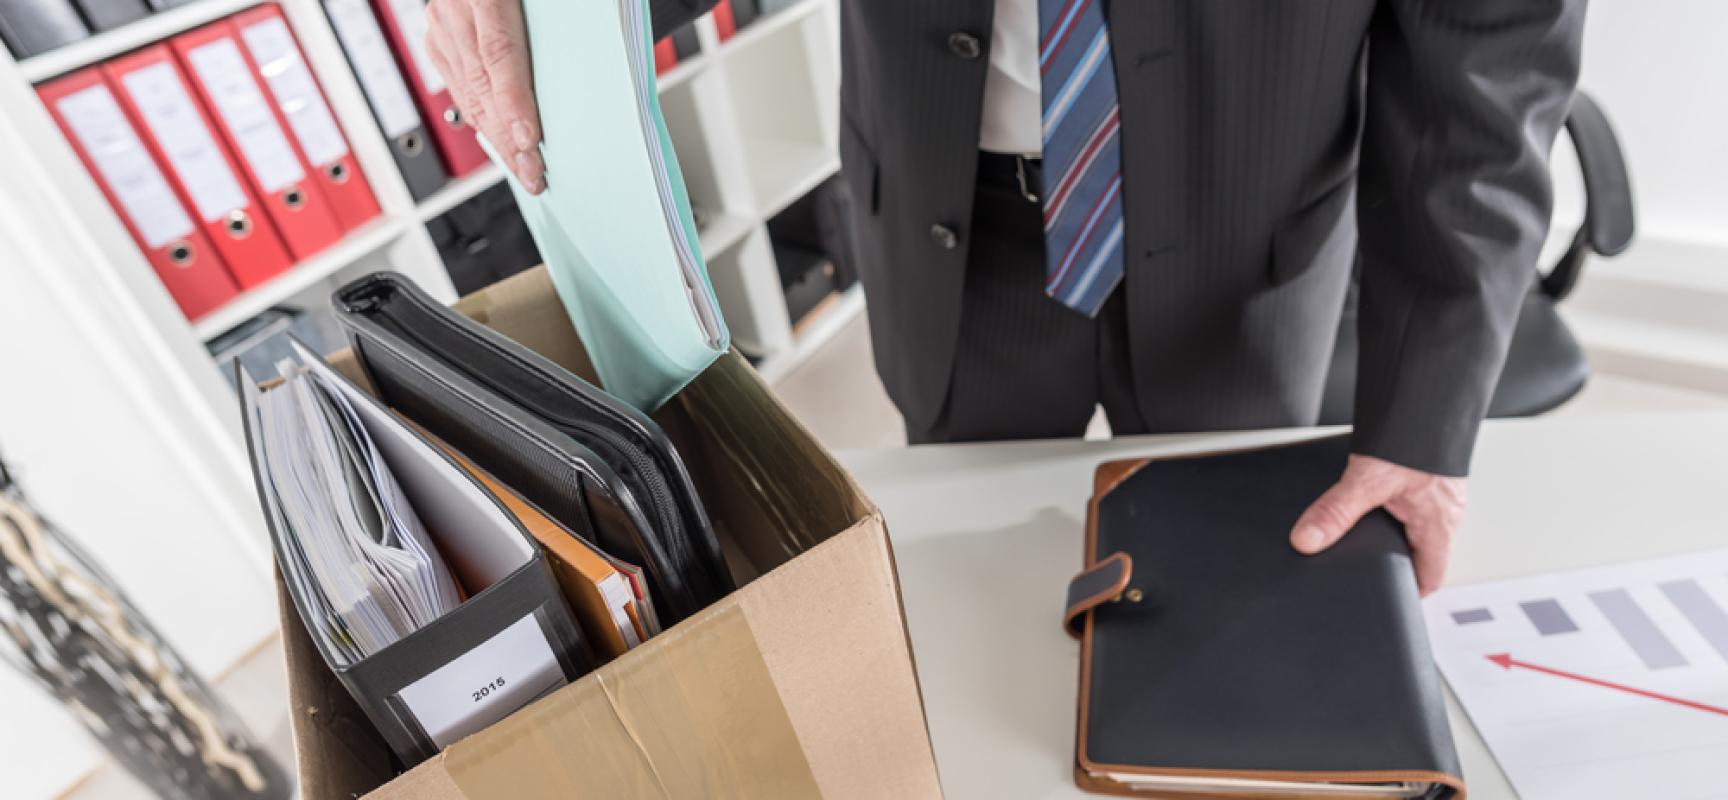 2018: ripresa dell'occupazione? BALLE! 700 000 rischi LICENZIAMENTI